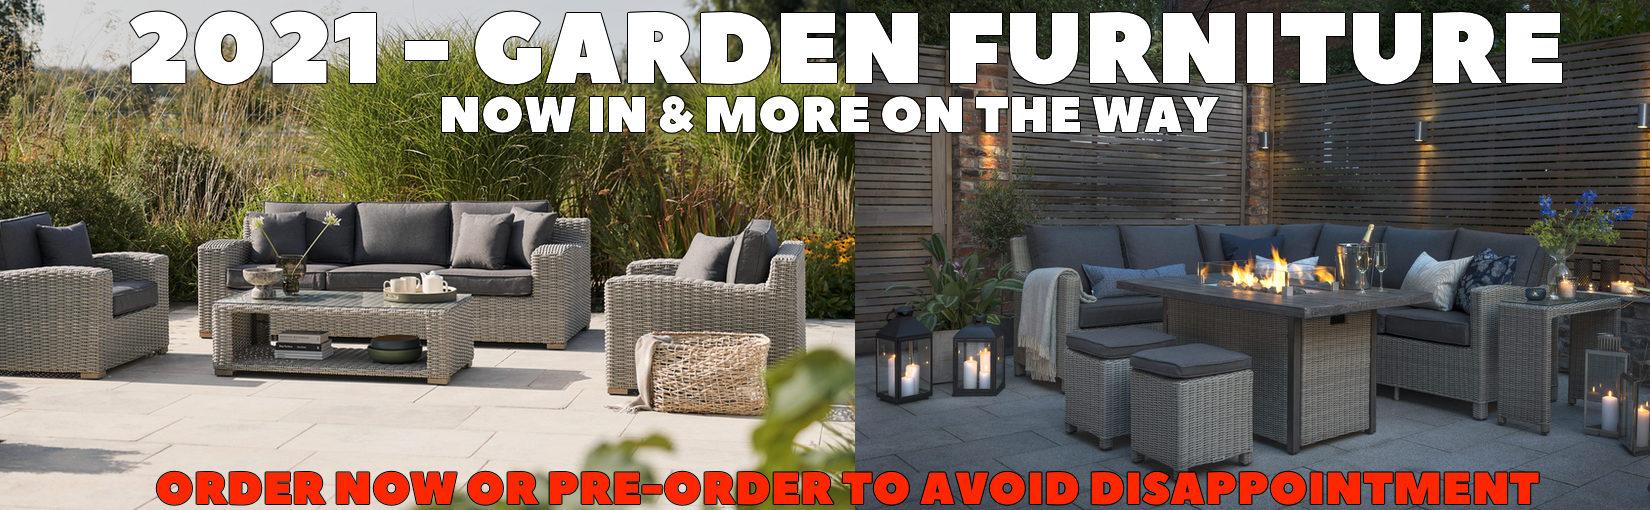 1650X510 2021 Garden Furniture Pre Order Banner